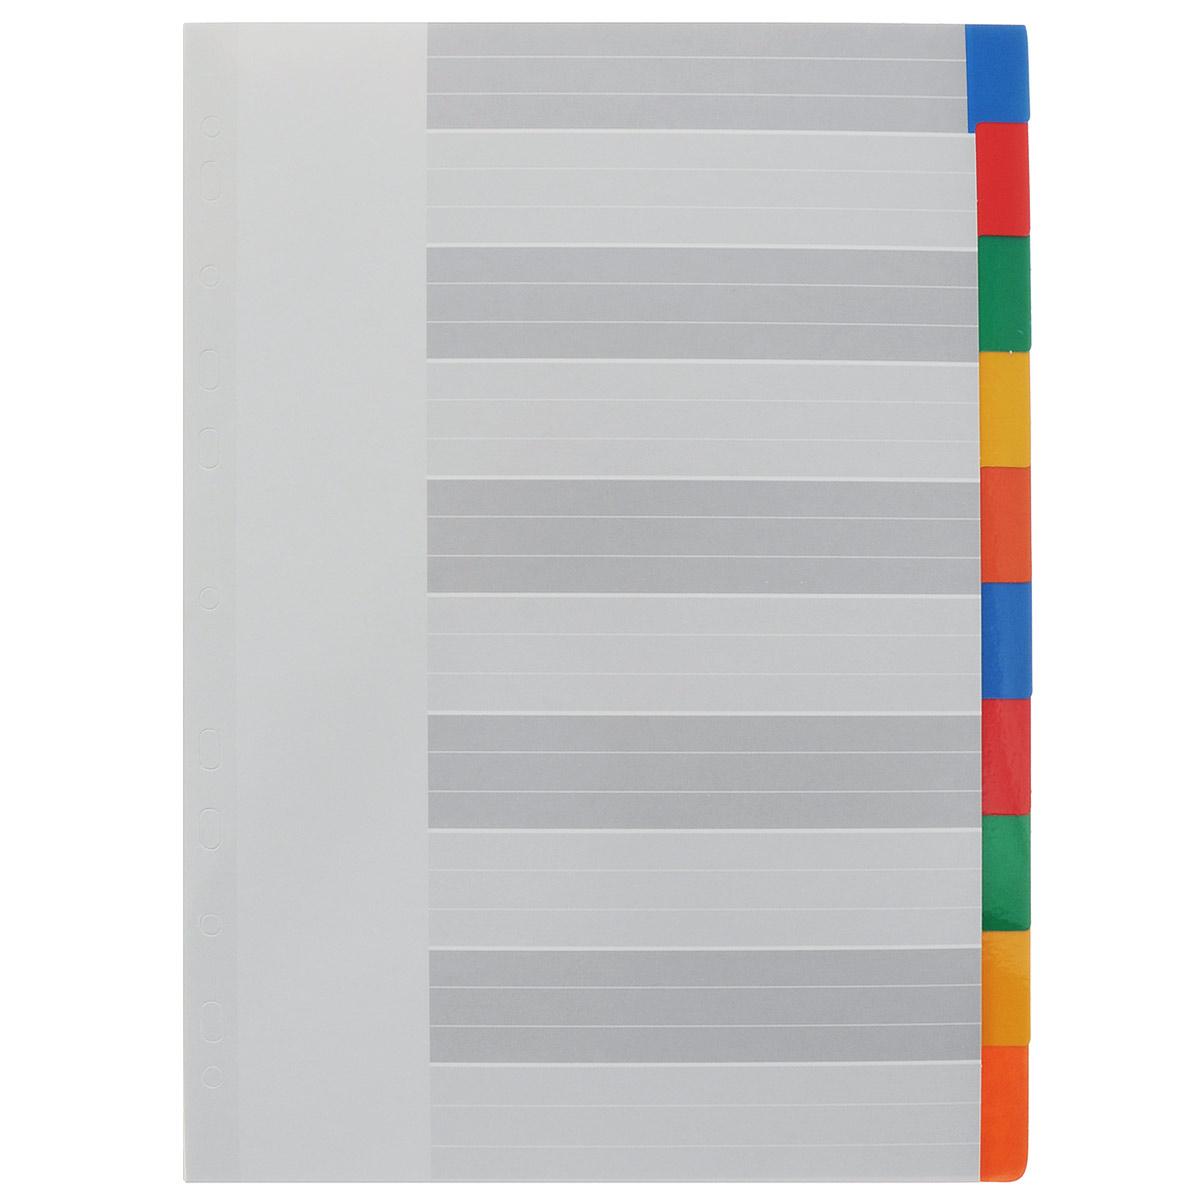 """Разделители из набора Berlingo """"Цветовой"""" предназначены для хранения и классификации документов формата А4 в папках или тетрадях на кольцах. Изготовлены из картона со вставками 10 разных цветов. Имеют боковую мультиперфорацию. В наборе 10 разделителей."""